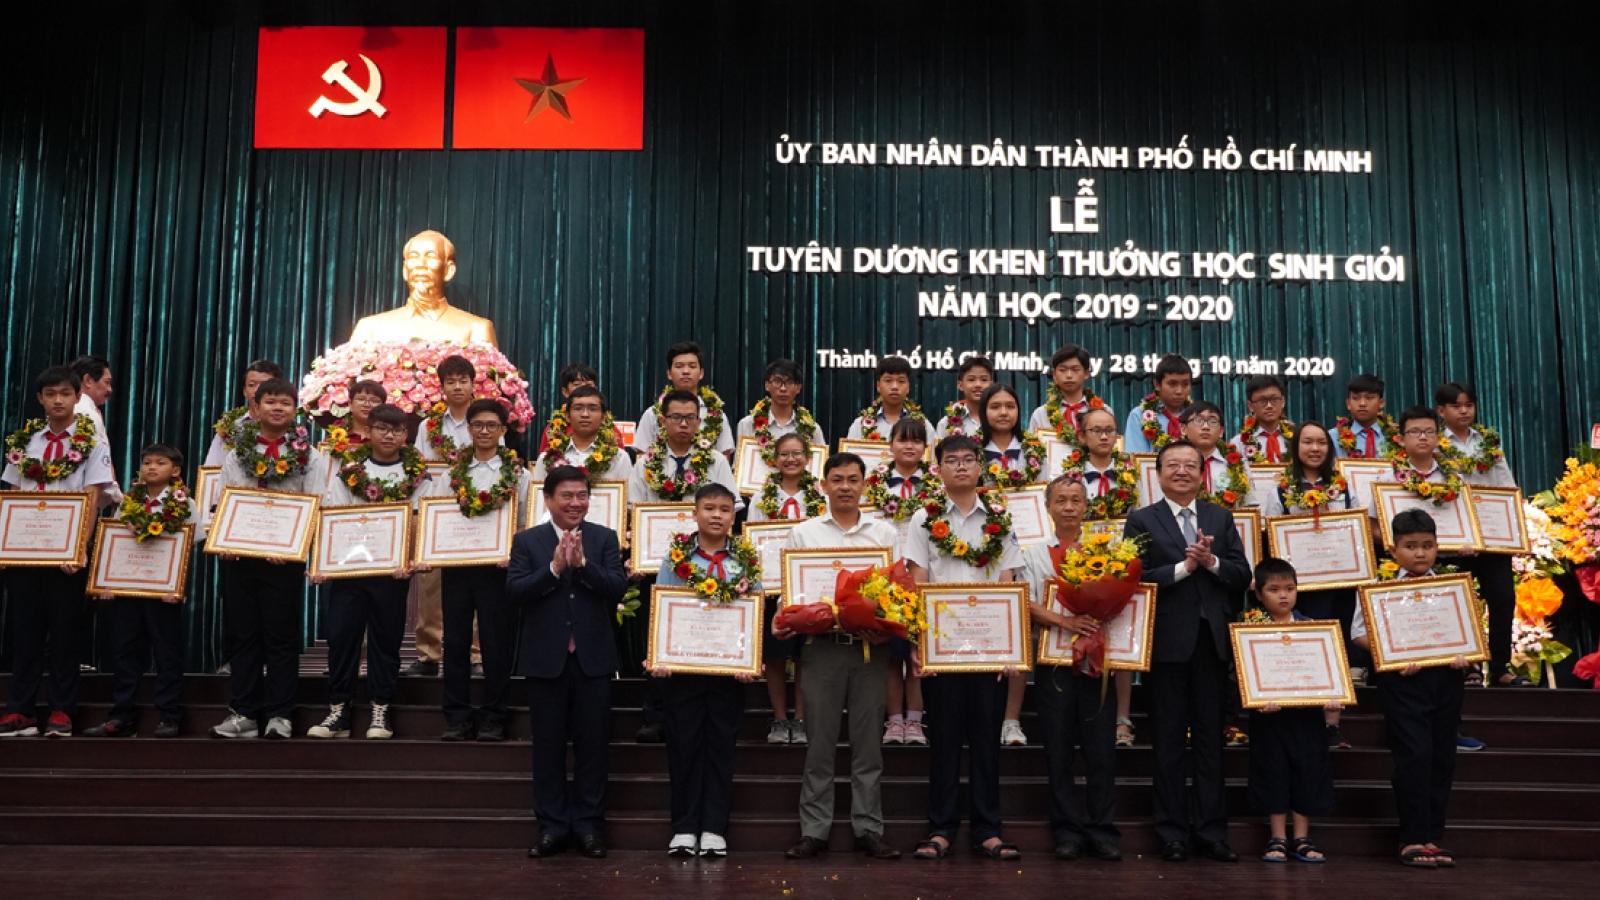 Trao thưởng 150 triệu đồng cho học sinh đạt giải Cuộc thi Olympic Toán Quốc tế